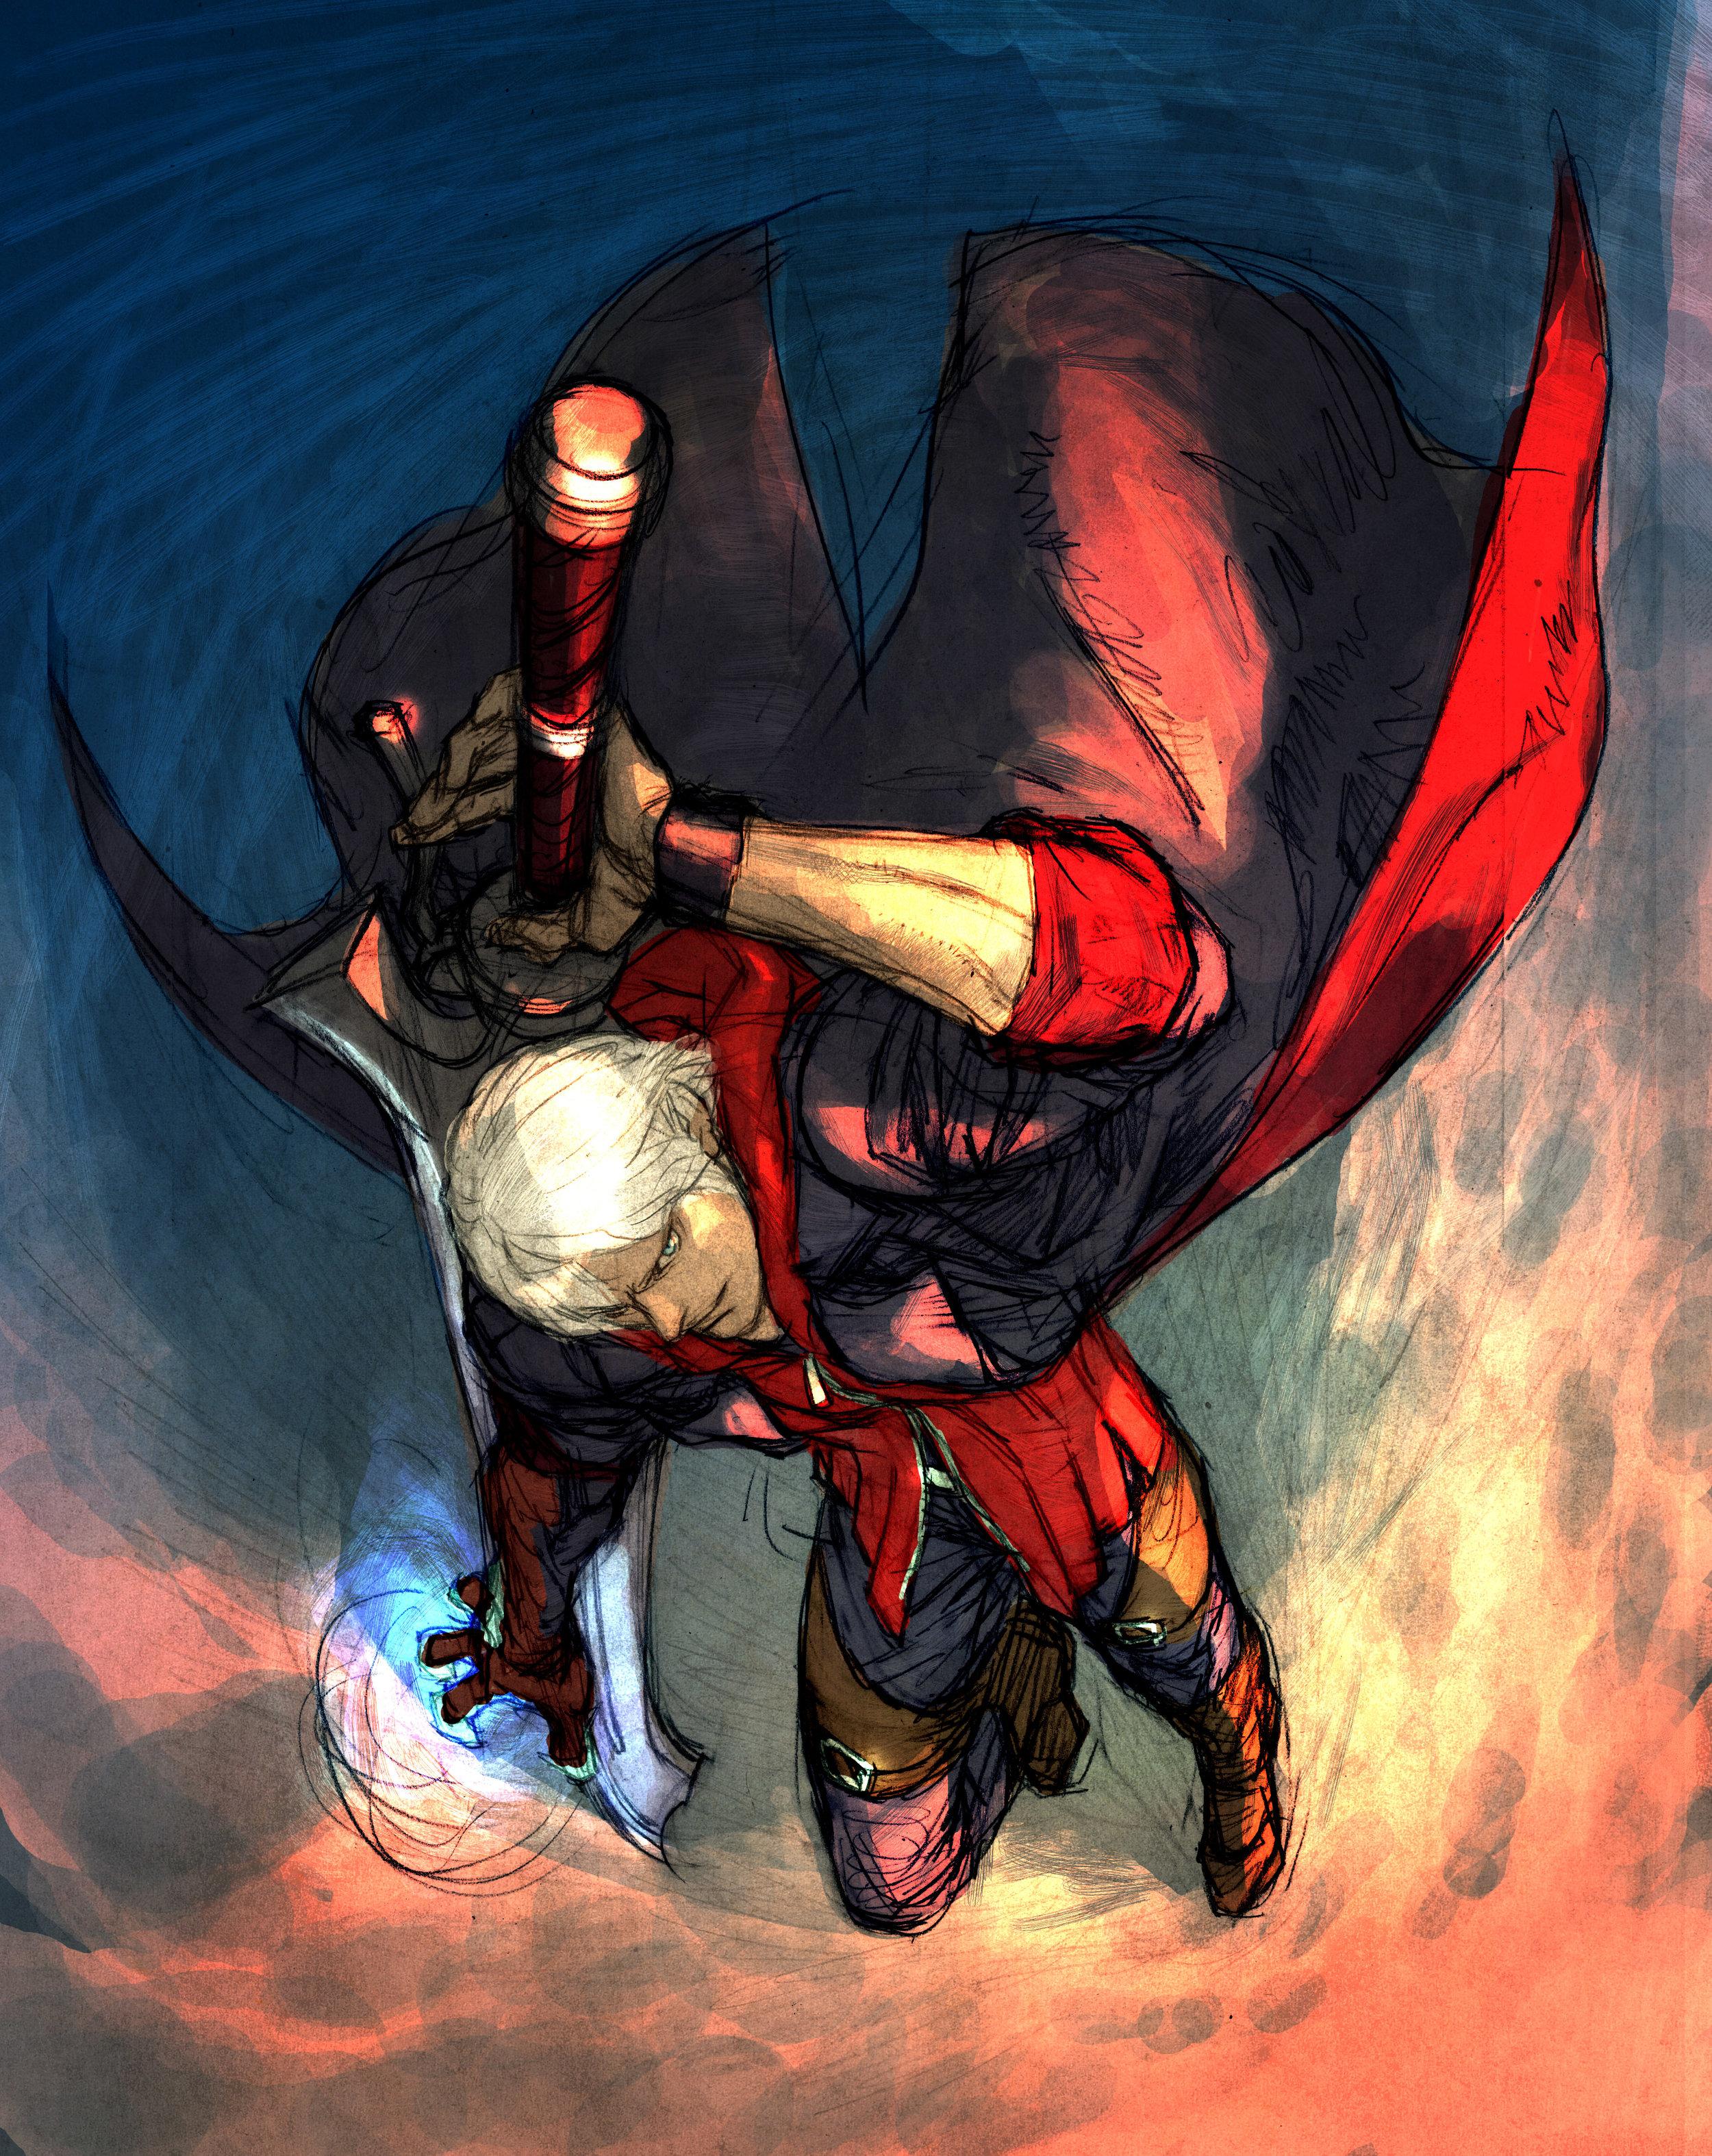 Con questo artwork, Capcom voleva chiaramente spiegare che Nero non è il solito stronzo alla Raiden.